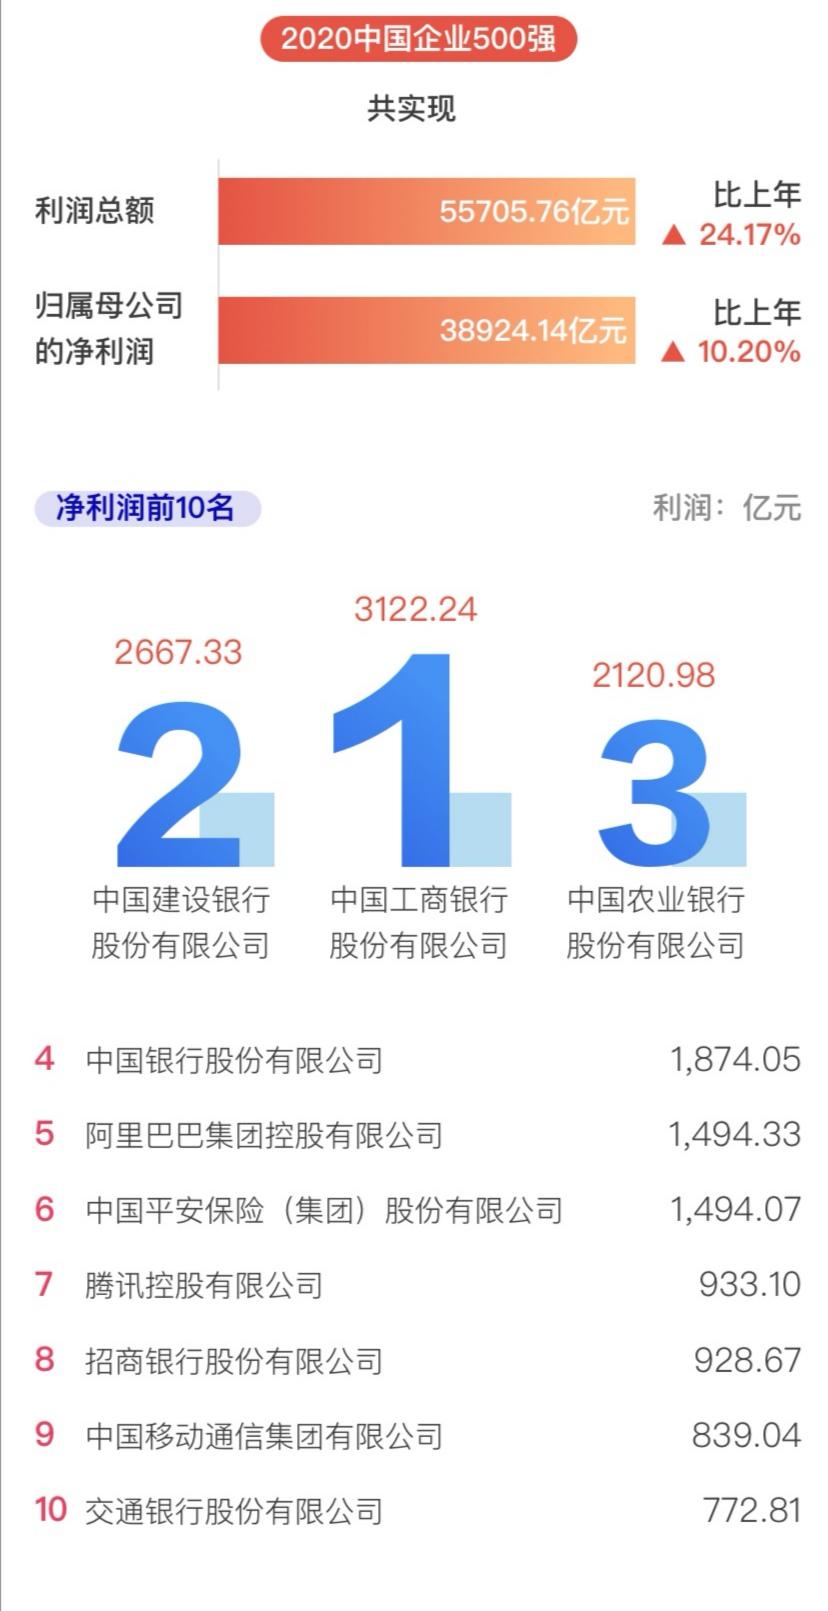 中国企业500强榜单:哪家最赚钱?哪家研发能力最强?